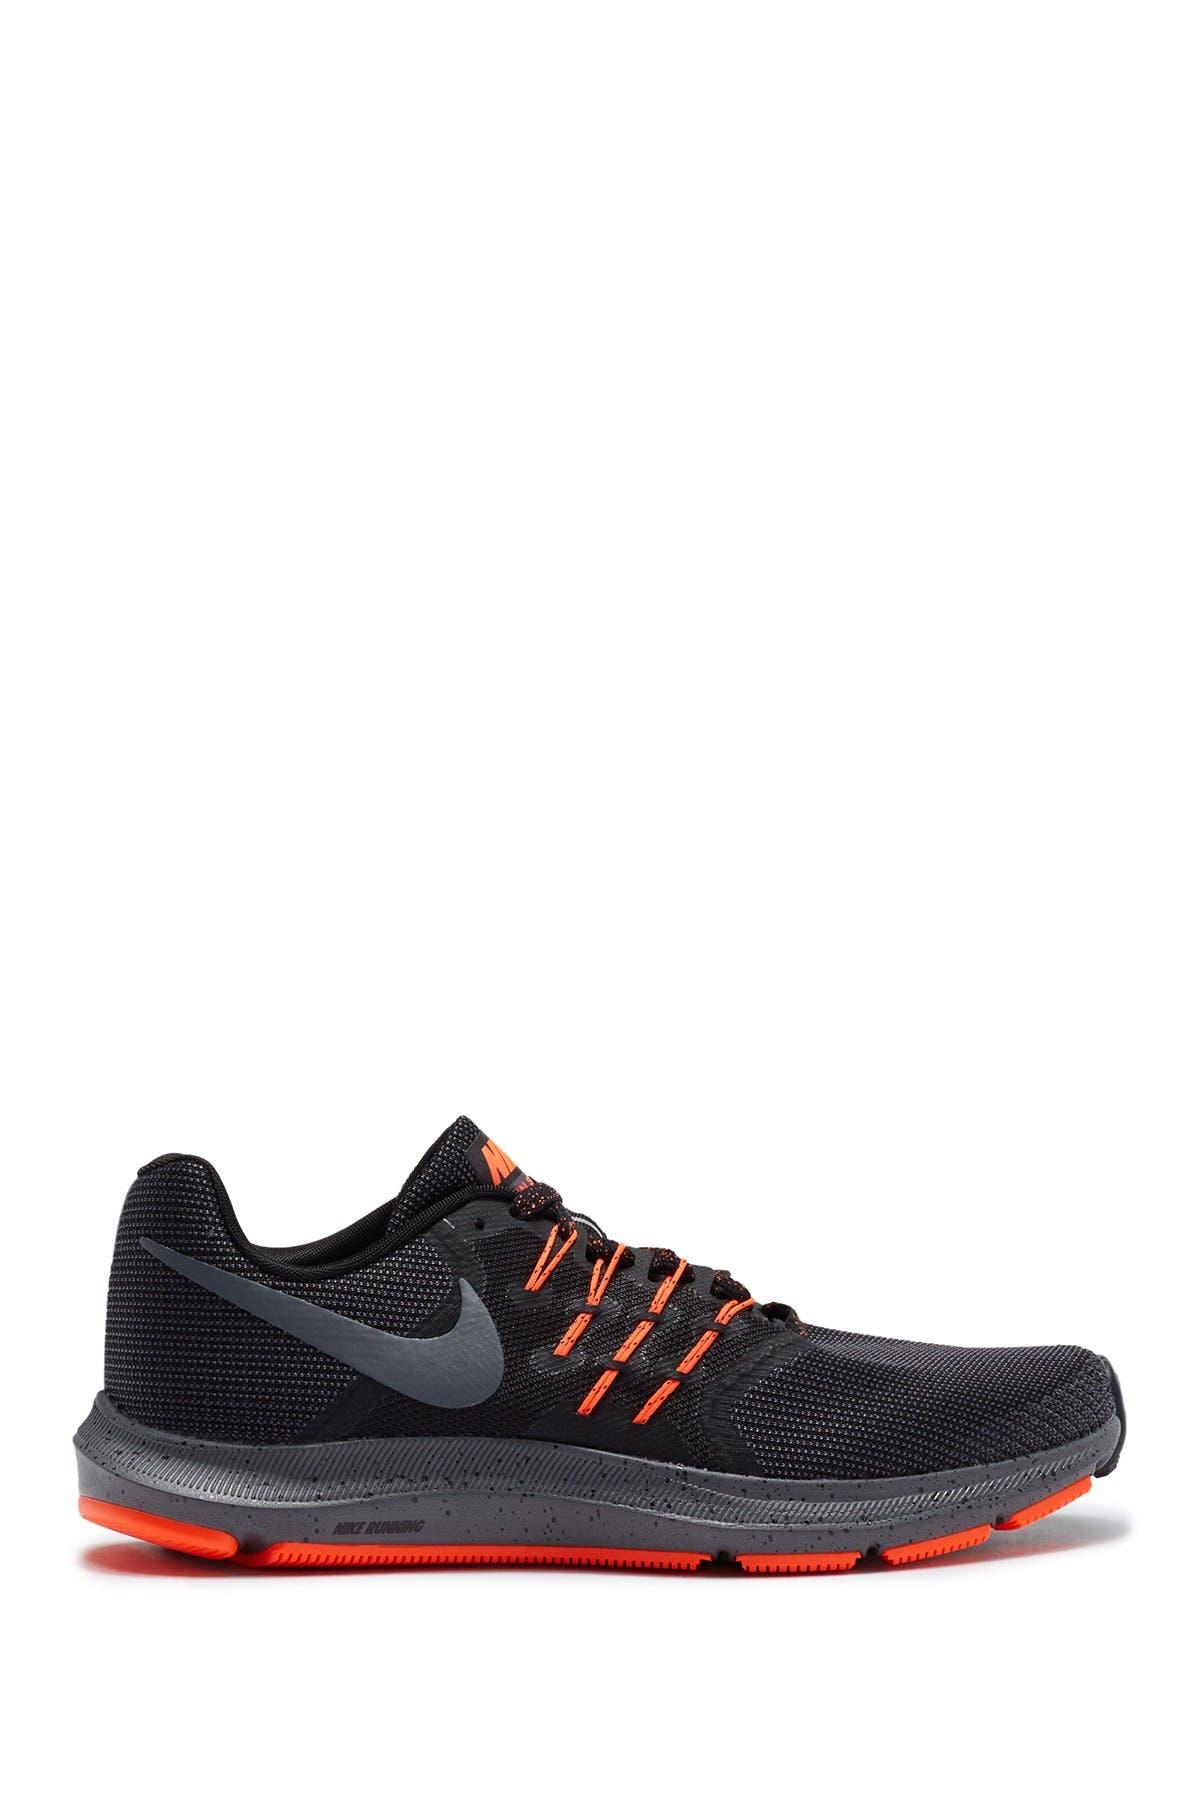 Nike   Run Swift SE Sneaker - Wide